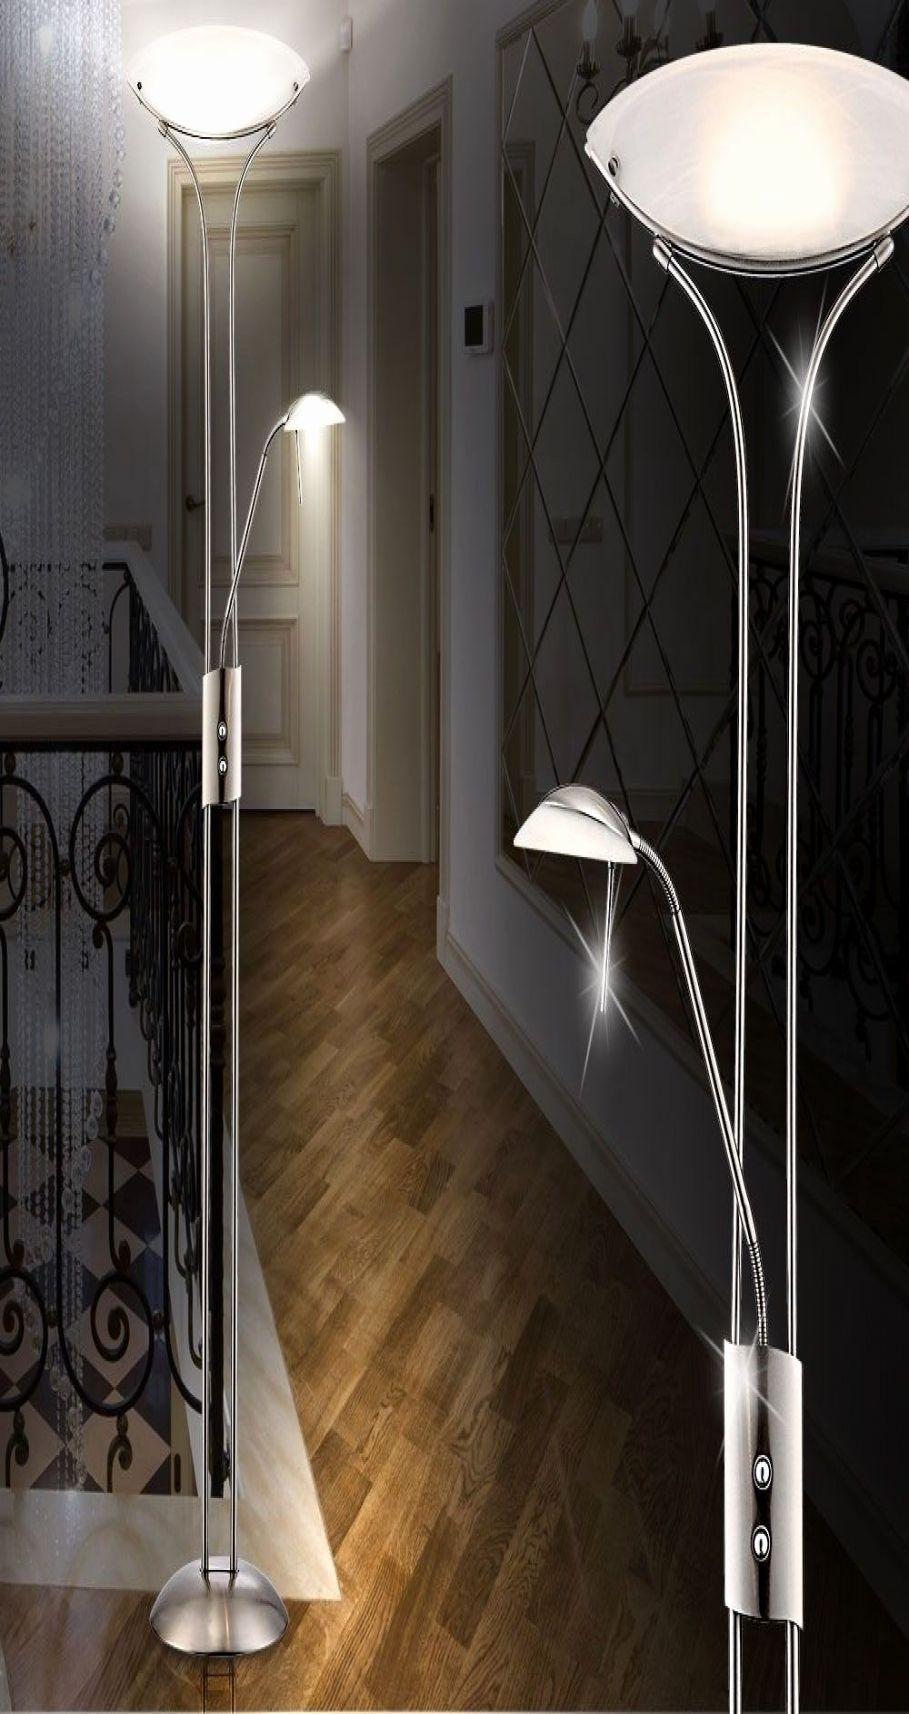 Full Size of Deckenfluter Stehlampe Wohnzimmer Leuchte 205 W Led Licht Deckenleuchten Sessel Lampen Deckenlampen Sideboard Bilder Xxl Vinylboden Fototapete Kommode Wohnzimmer Wohnzimmer Stehlampe